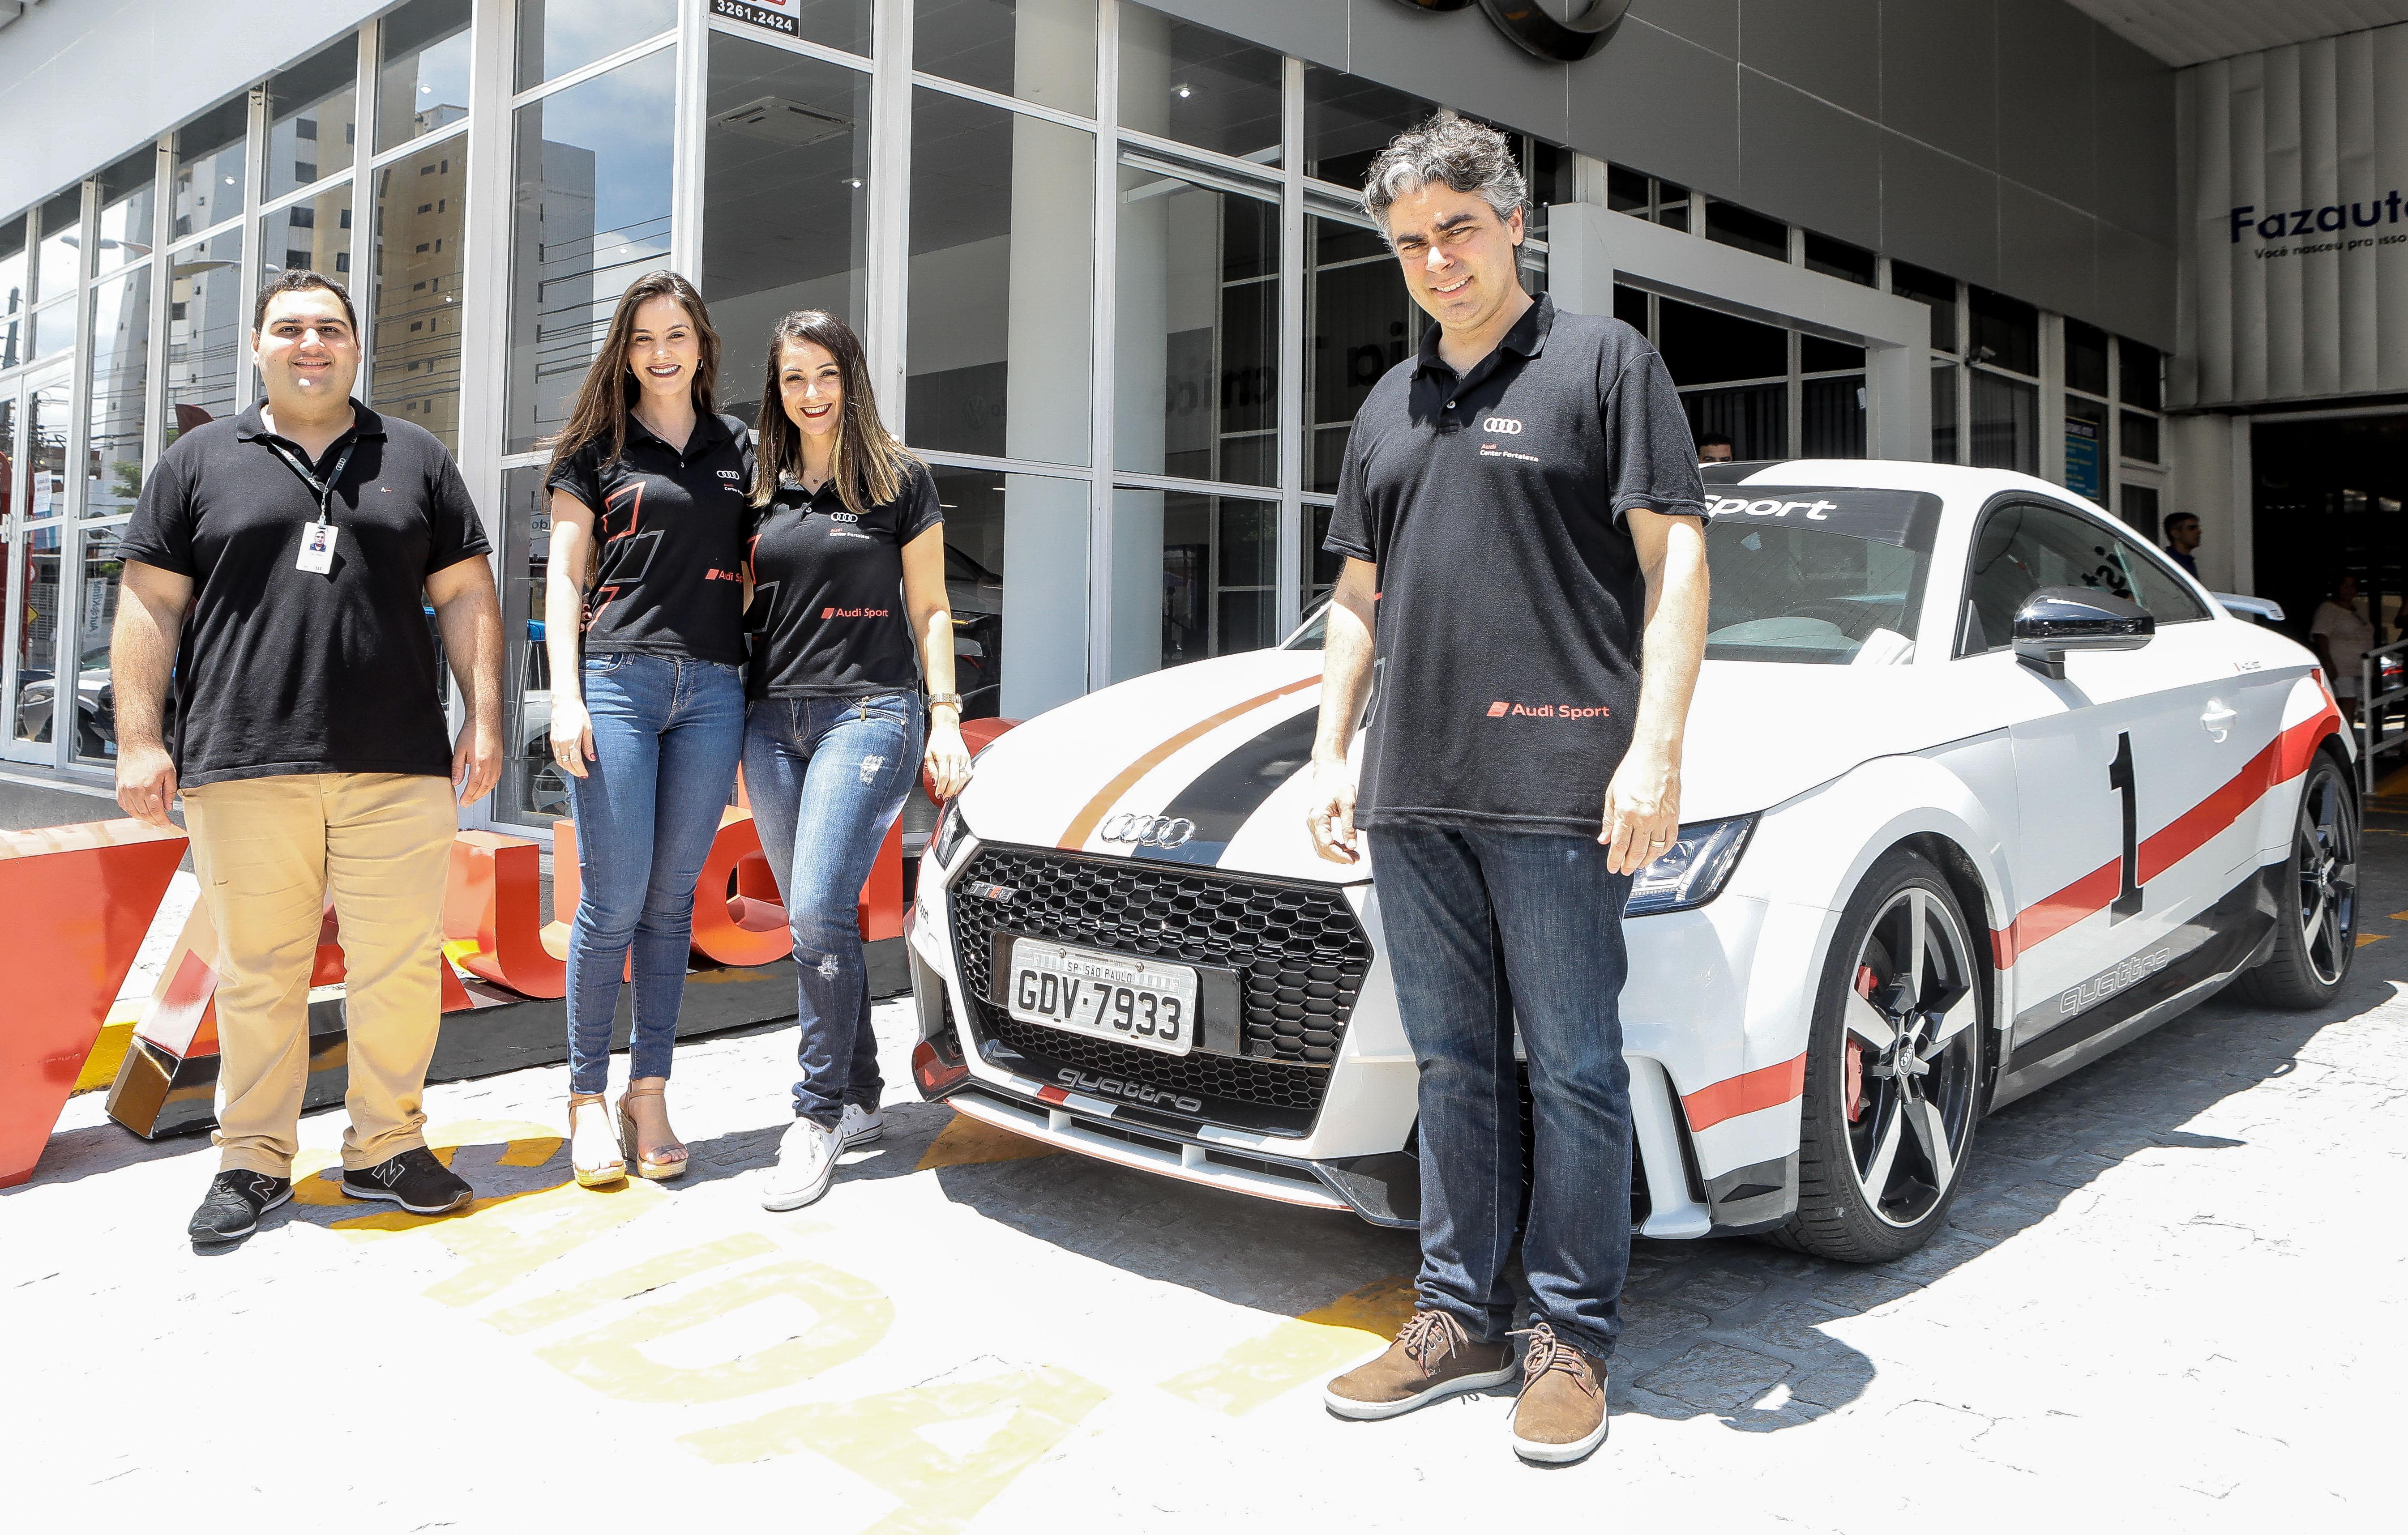 Fortaleza sedia a abertura da etapa brasileira da Audi Sport Experience 2020